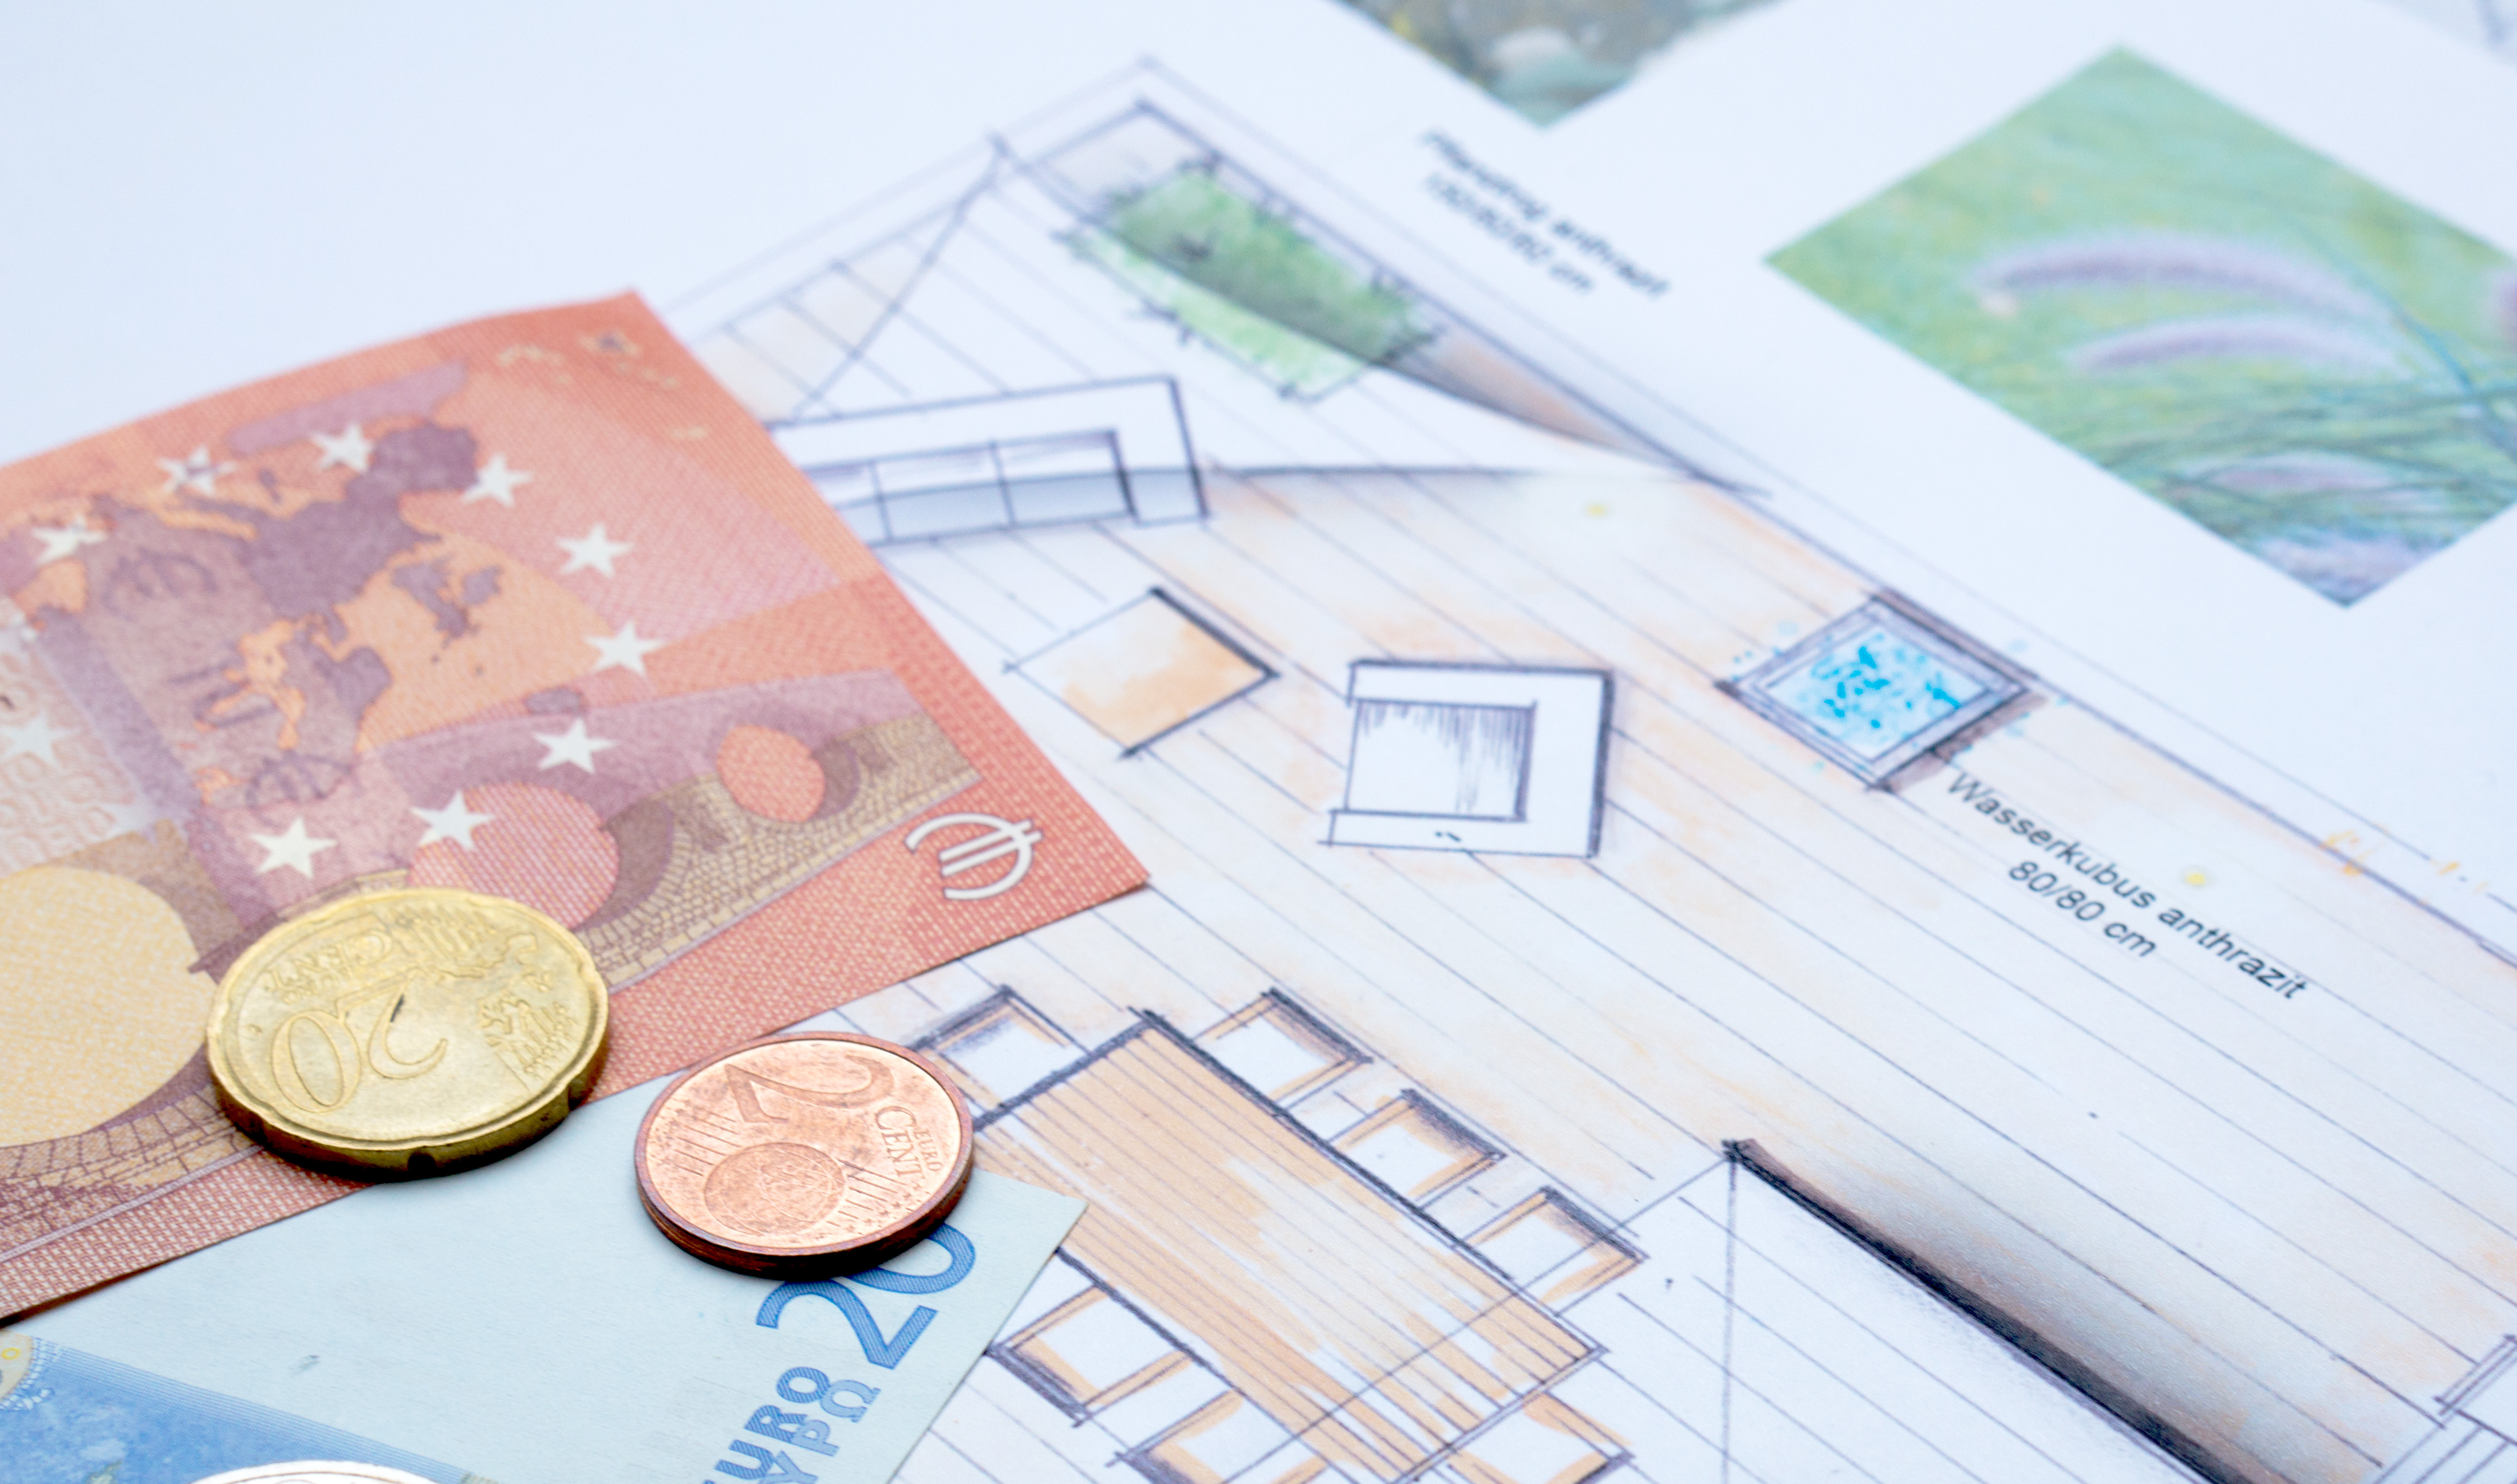 garten ideen f r wenig geld teil 1 wie sie mit wenig geld ihren traumgarten realisieren k nnen. Black Bedroom Furniture Sets. Home Design Ideas